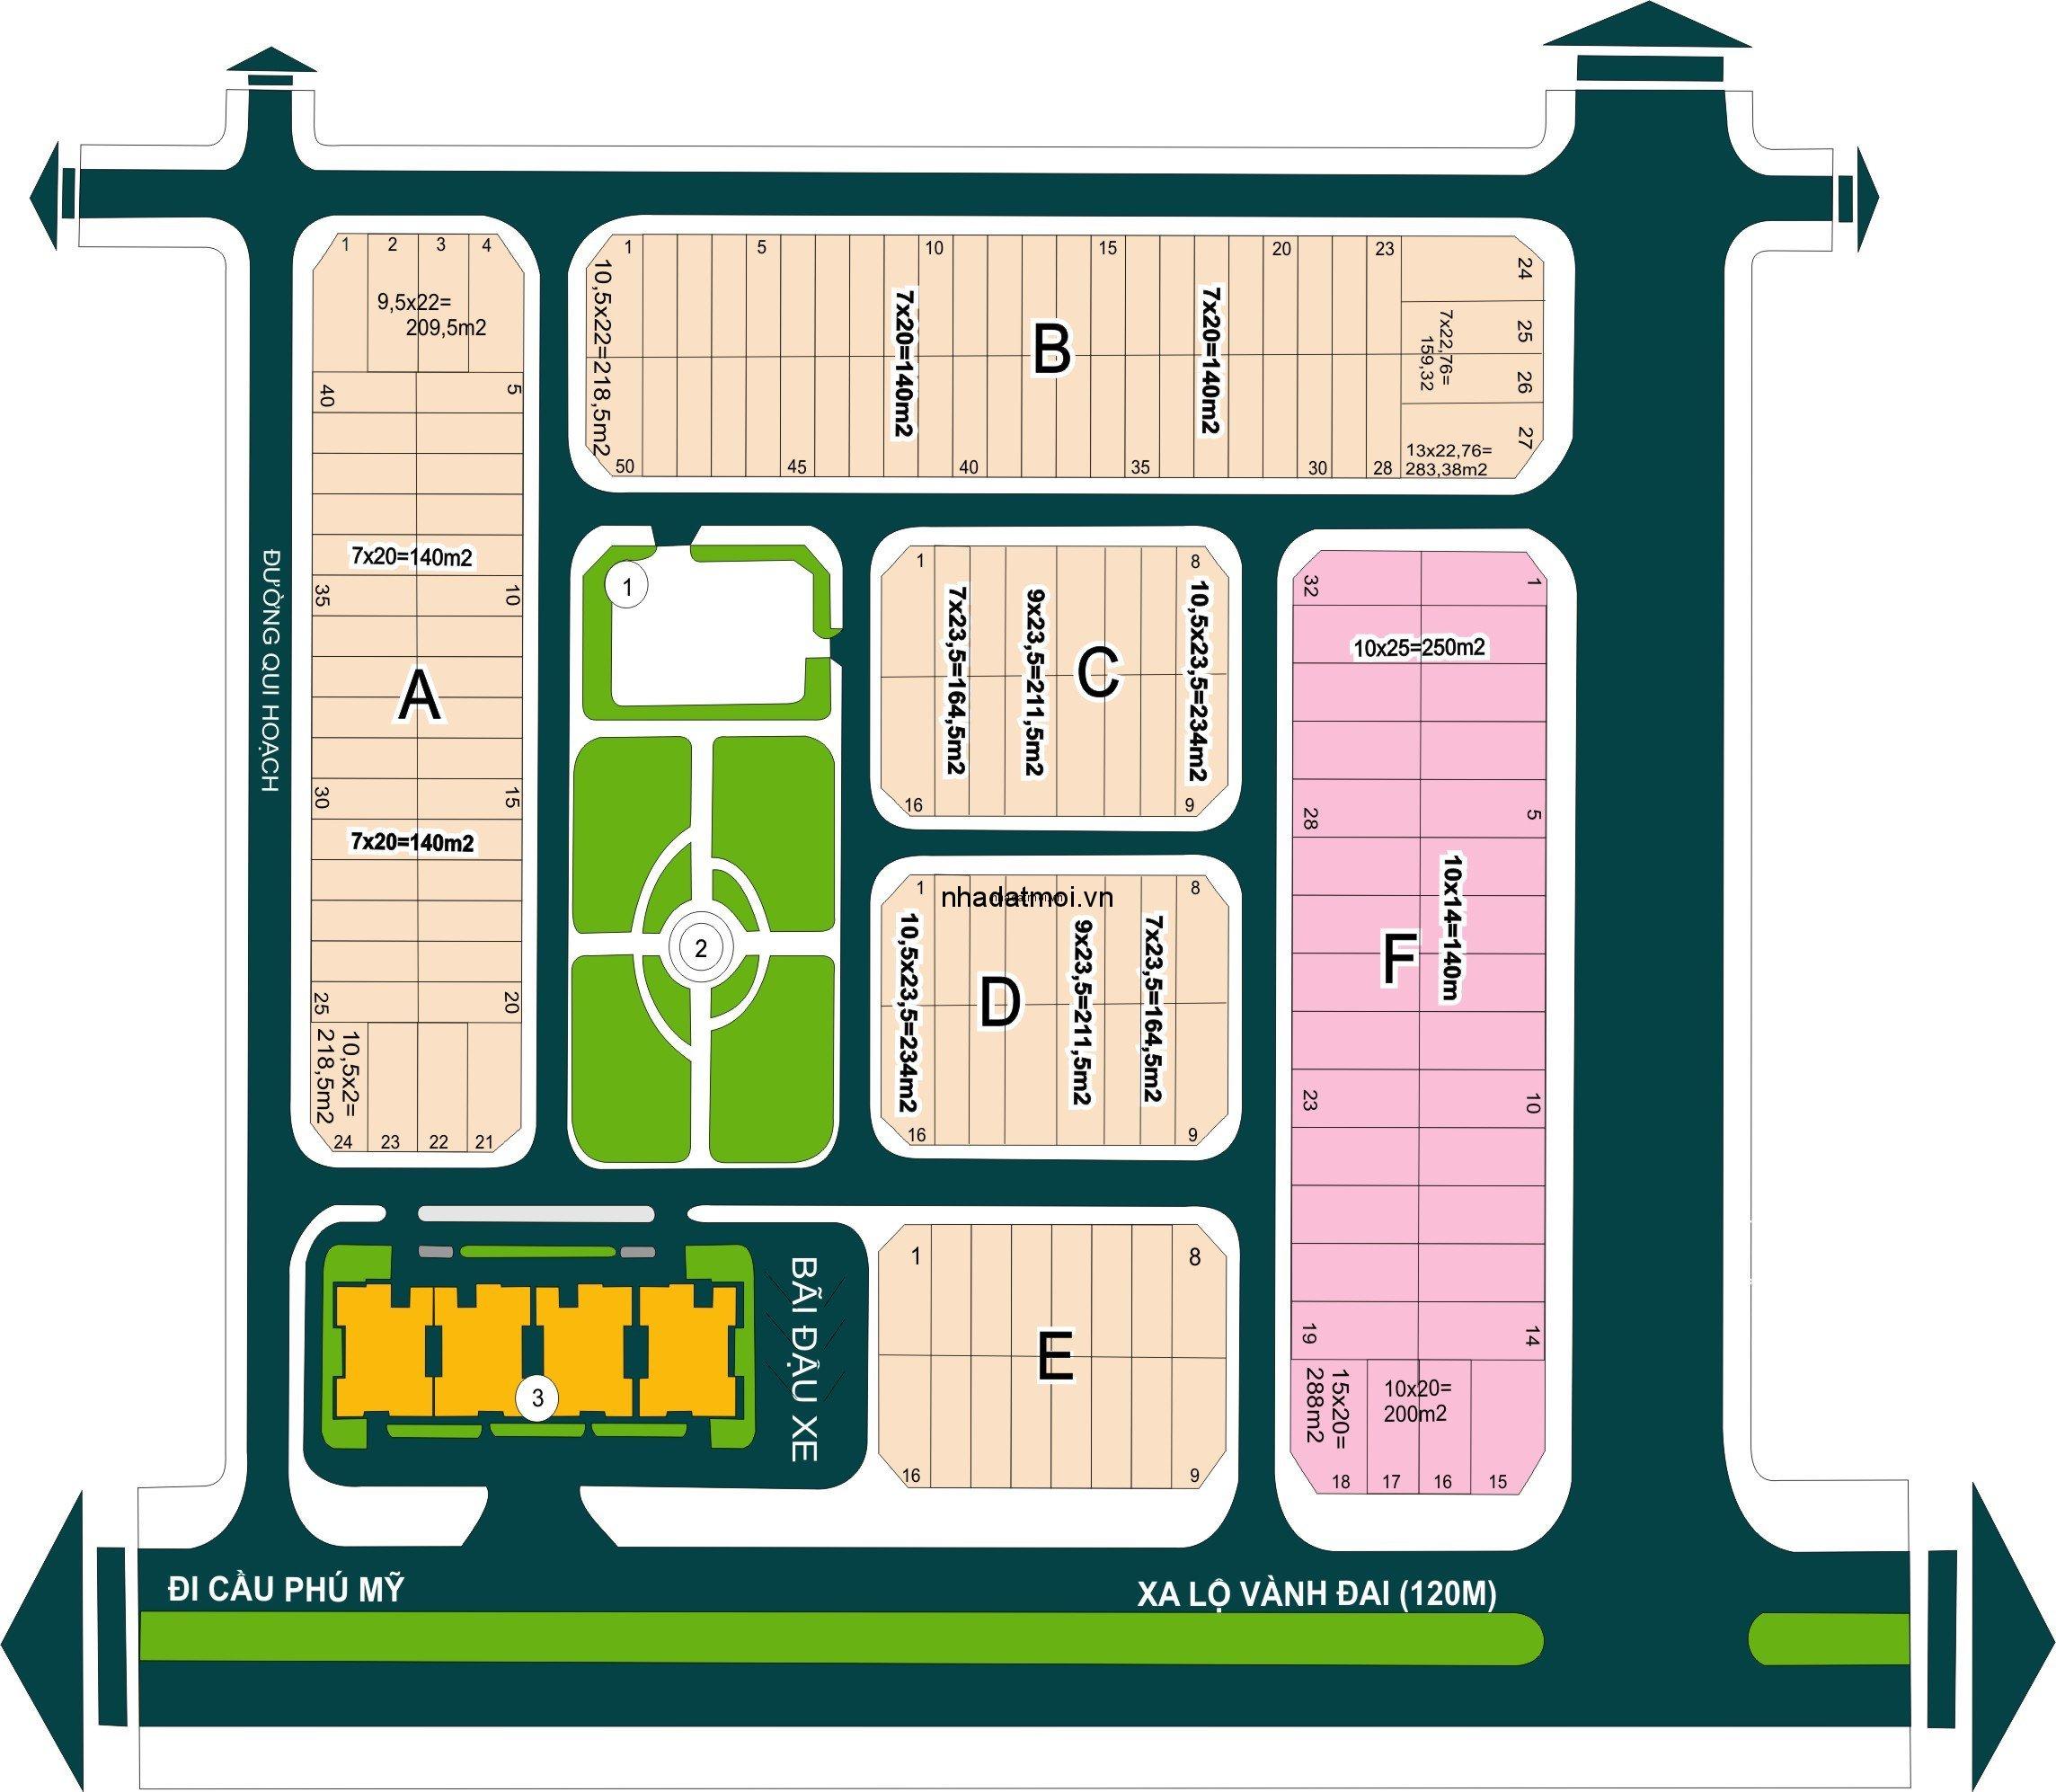 Dự án Công ty Hải Duy trong khu 154 ha Khu dân cư Bình Trưng Đông - Cát Lái Quận 2